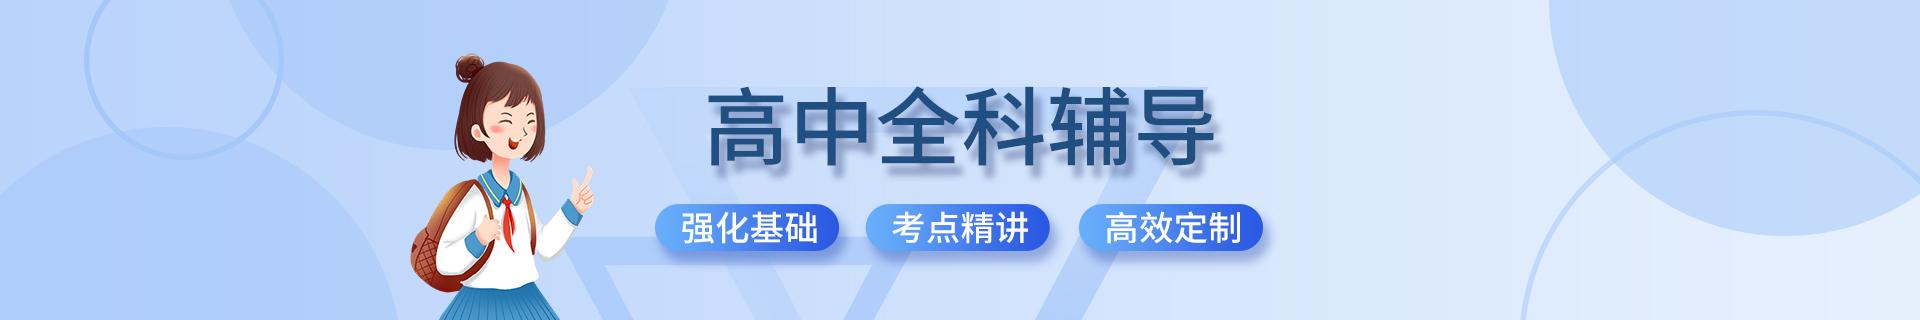 邯郸丛台区励学个性化教育